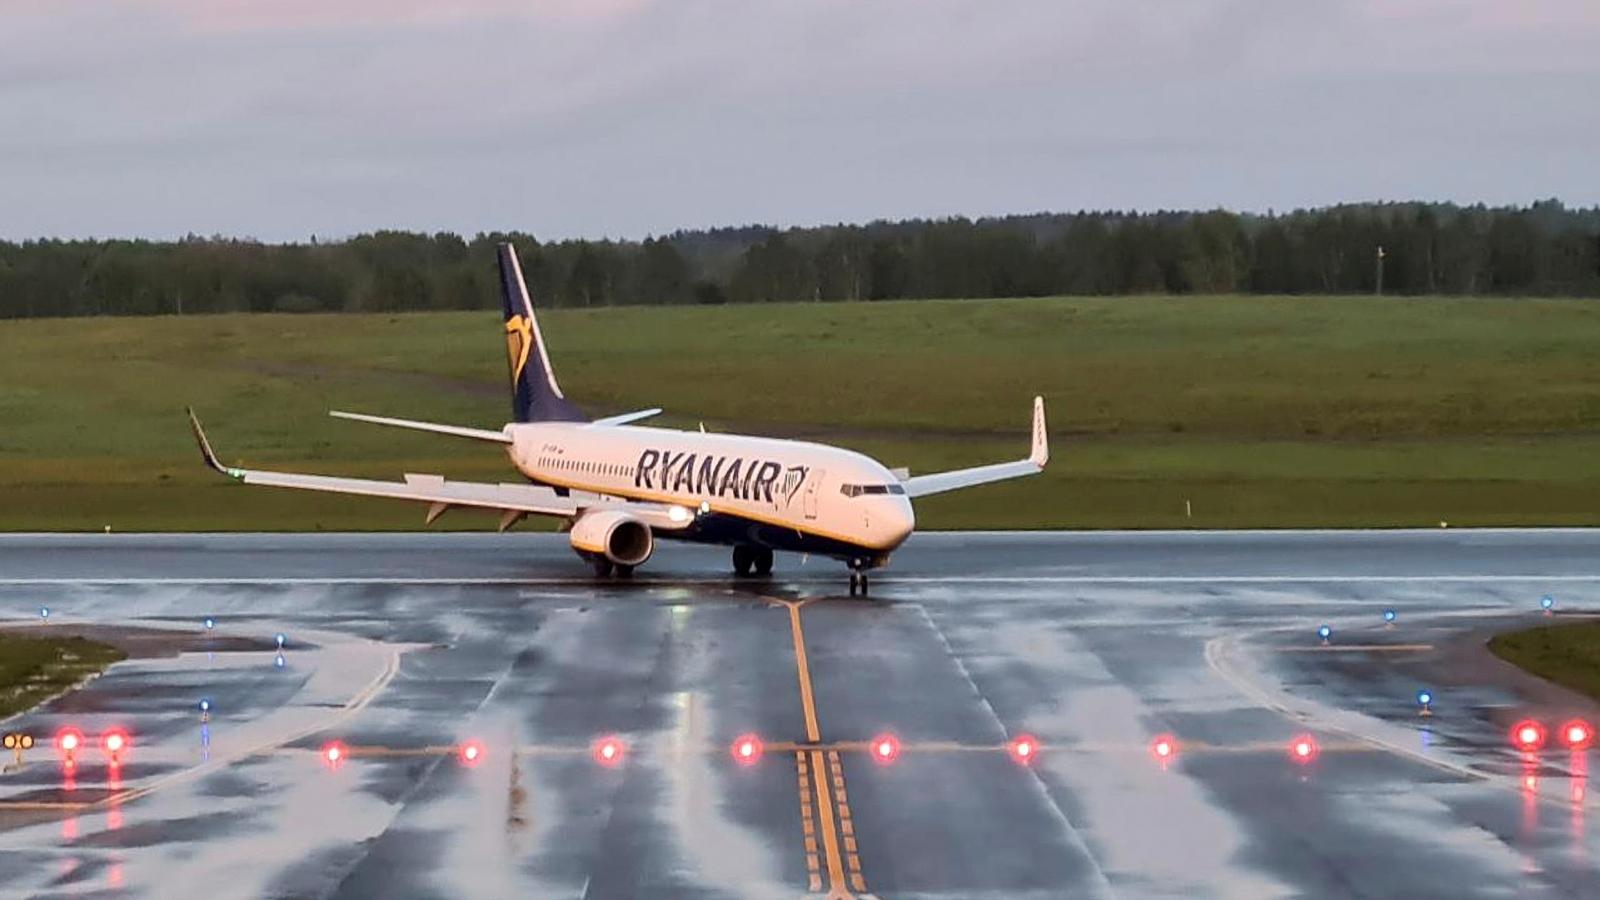 Đại diện hàng không Belarus chỉ trích quyết định áp đặt hạn chế không phận của EU